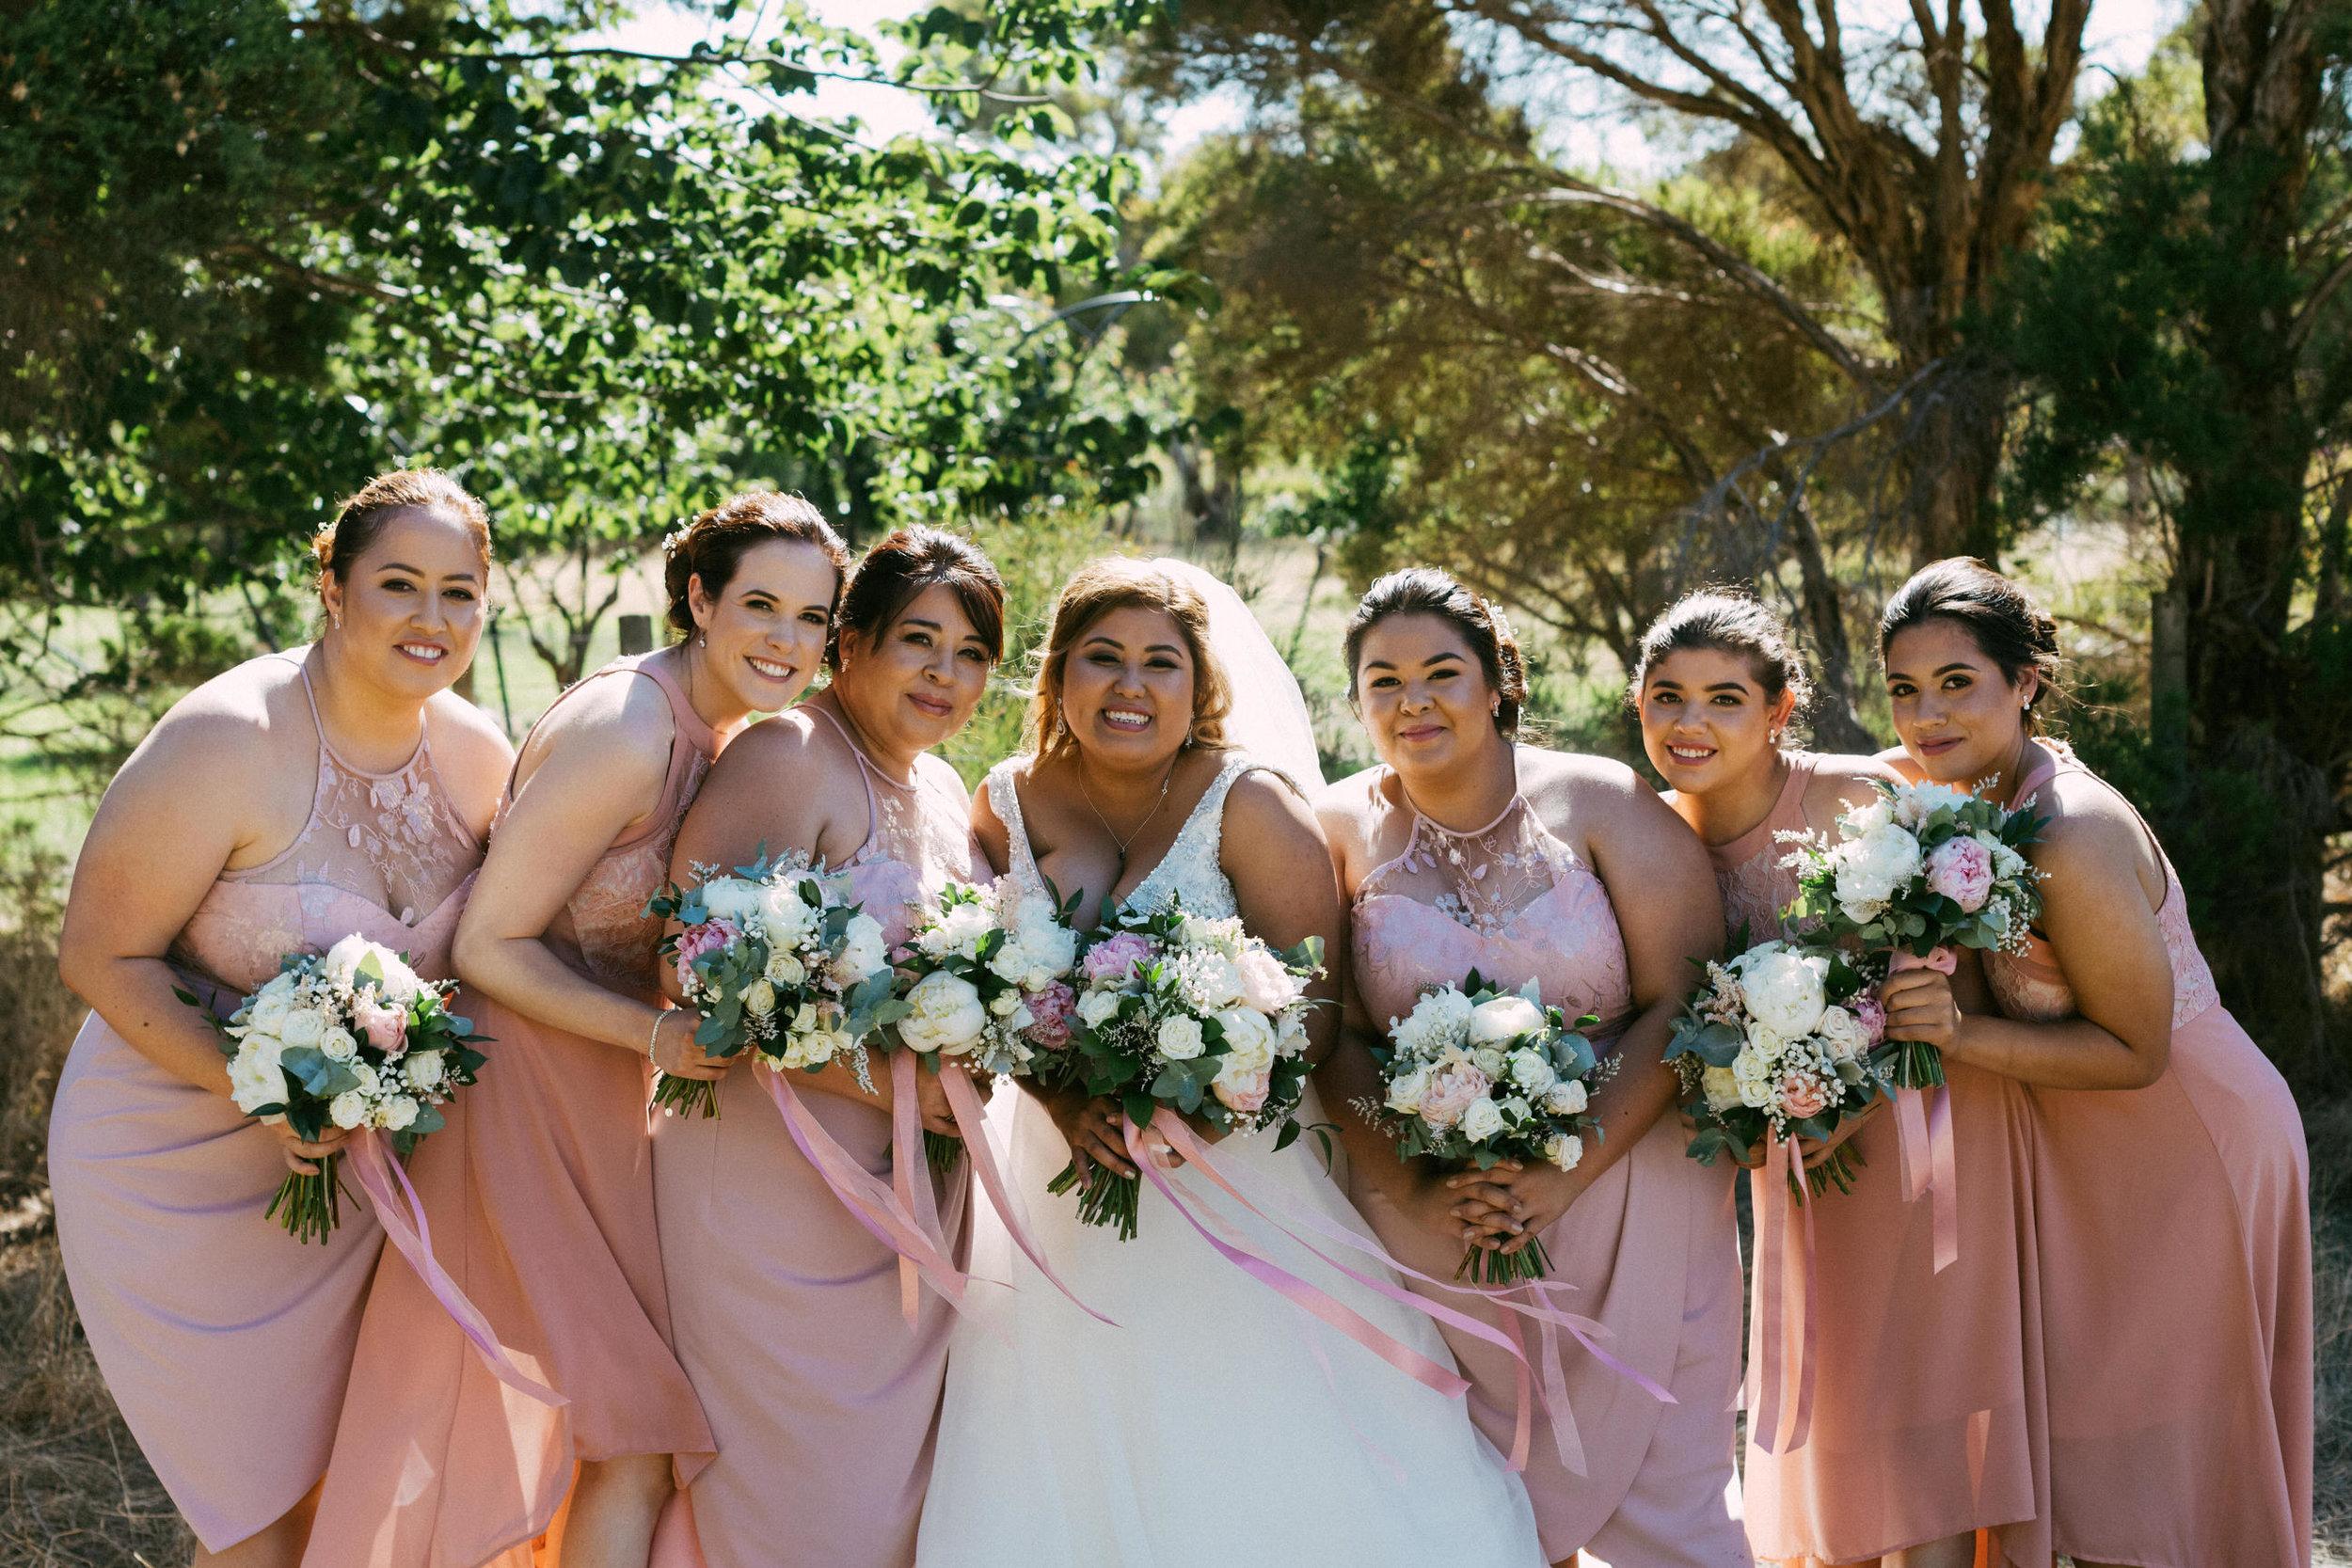 Al Ru Farm Summer Wedding 077.jpg